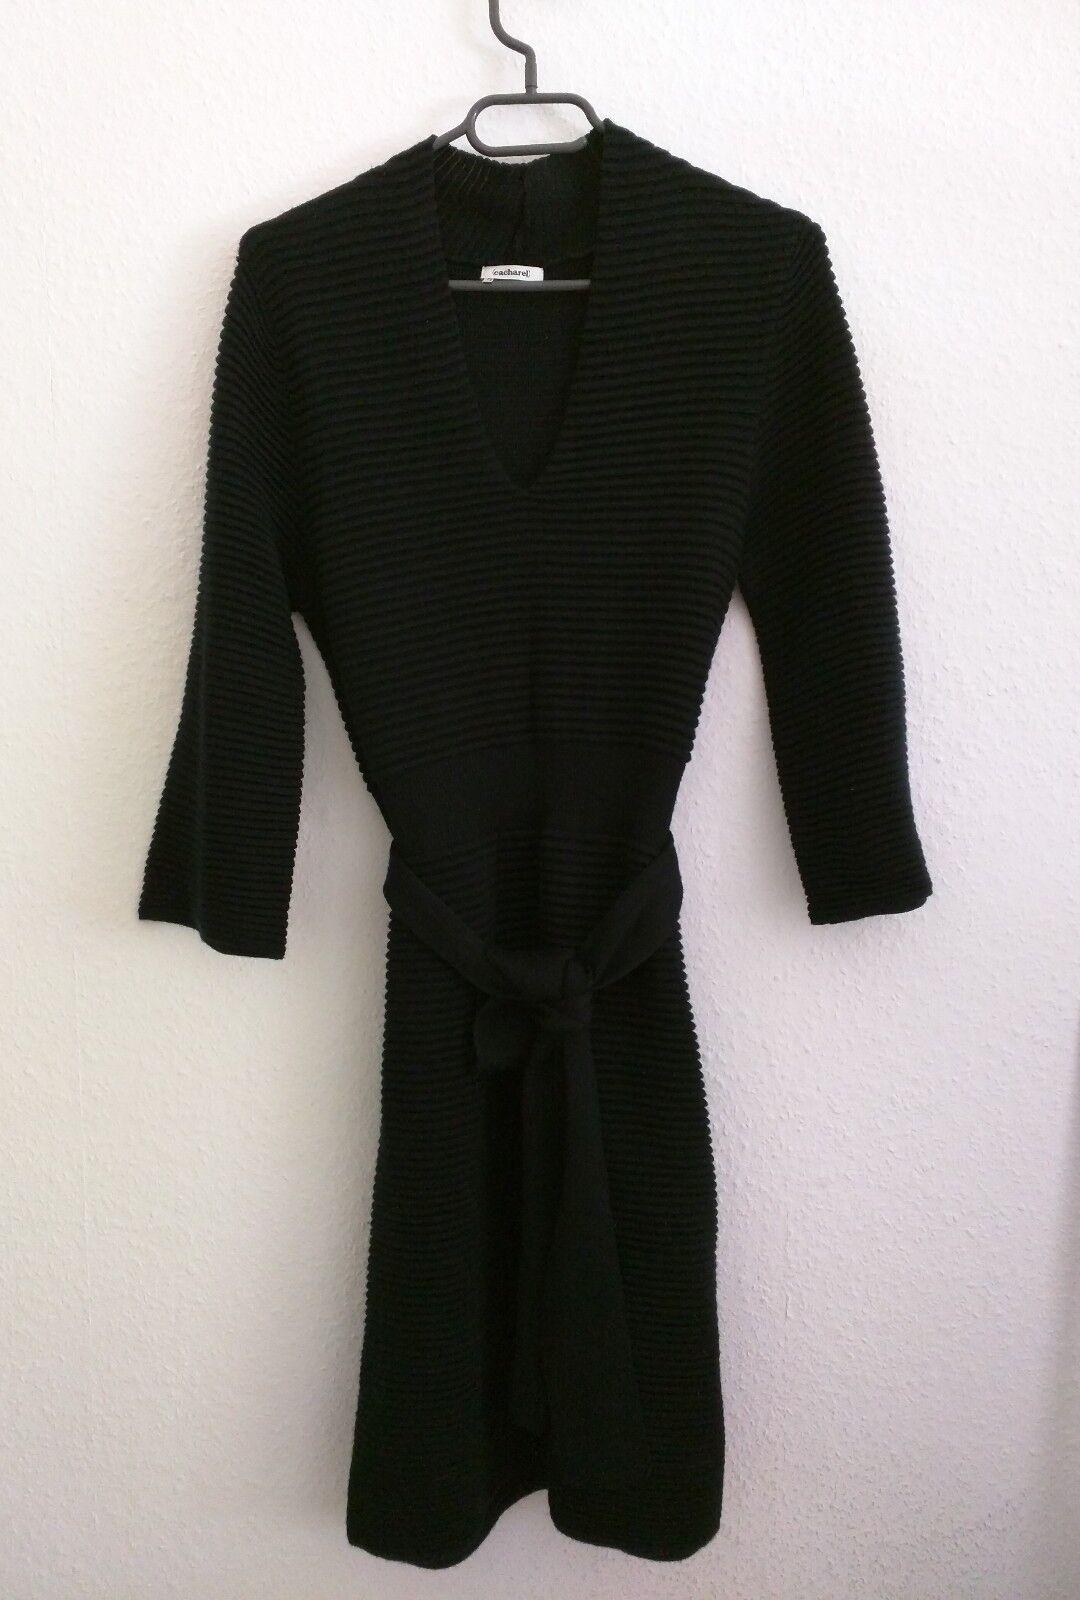 Damen Strickkleid aus  Wolle und Acryl V-Ausschnitt 3 4 Ärmeln Neuwertig